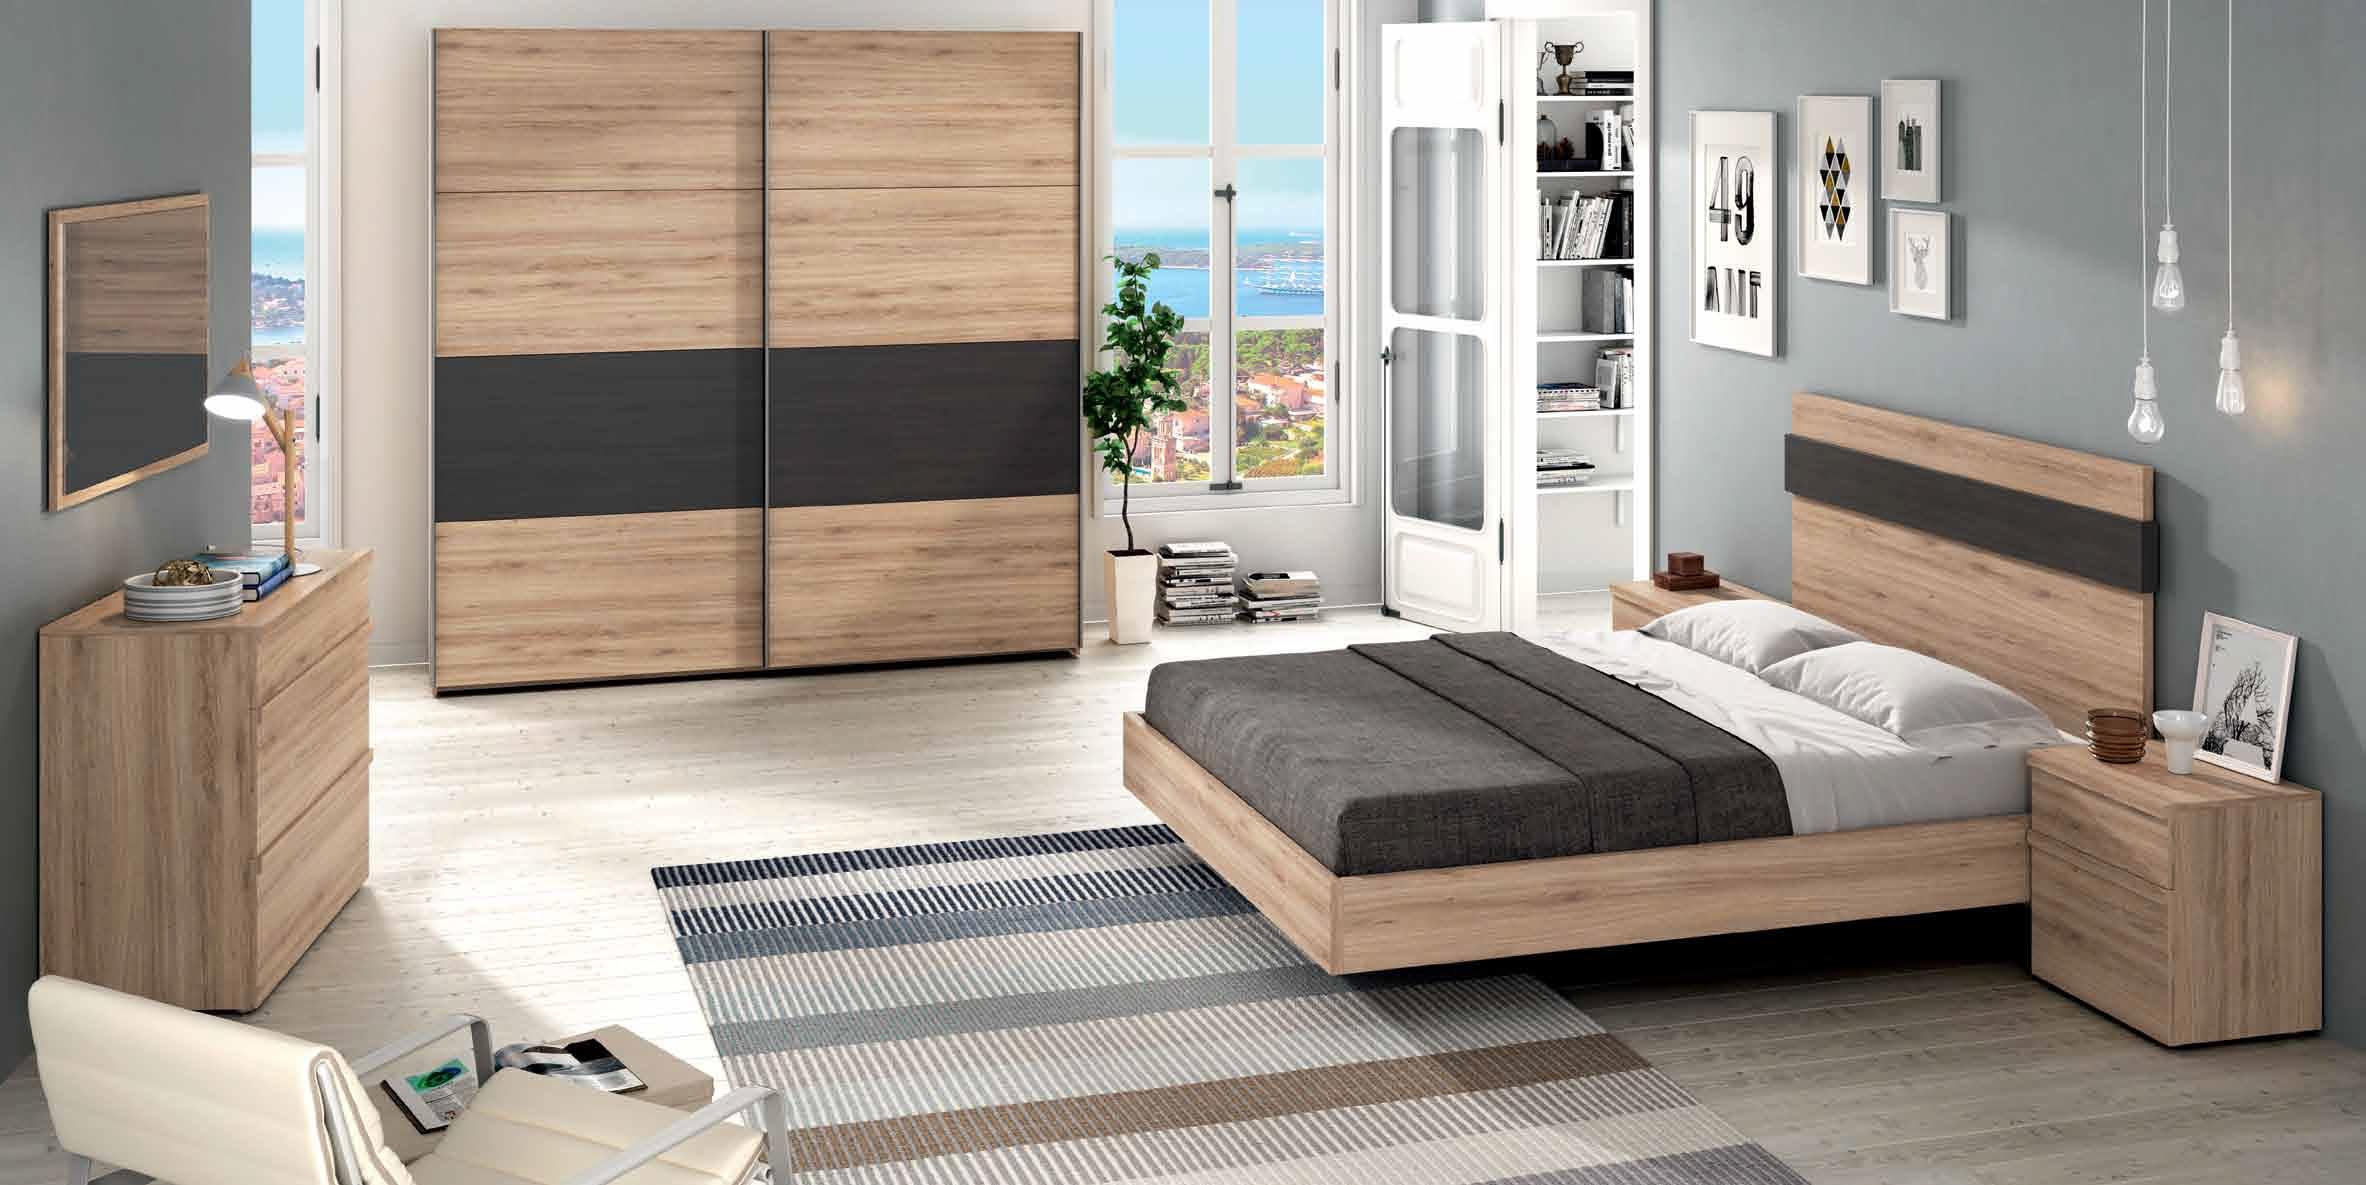 Dormitorio matrimonial moderno conoce nuestros muebles - Muebles dormitorio moderno ...